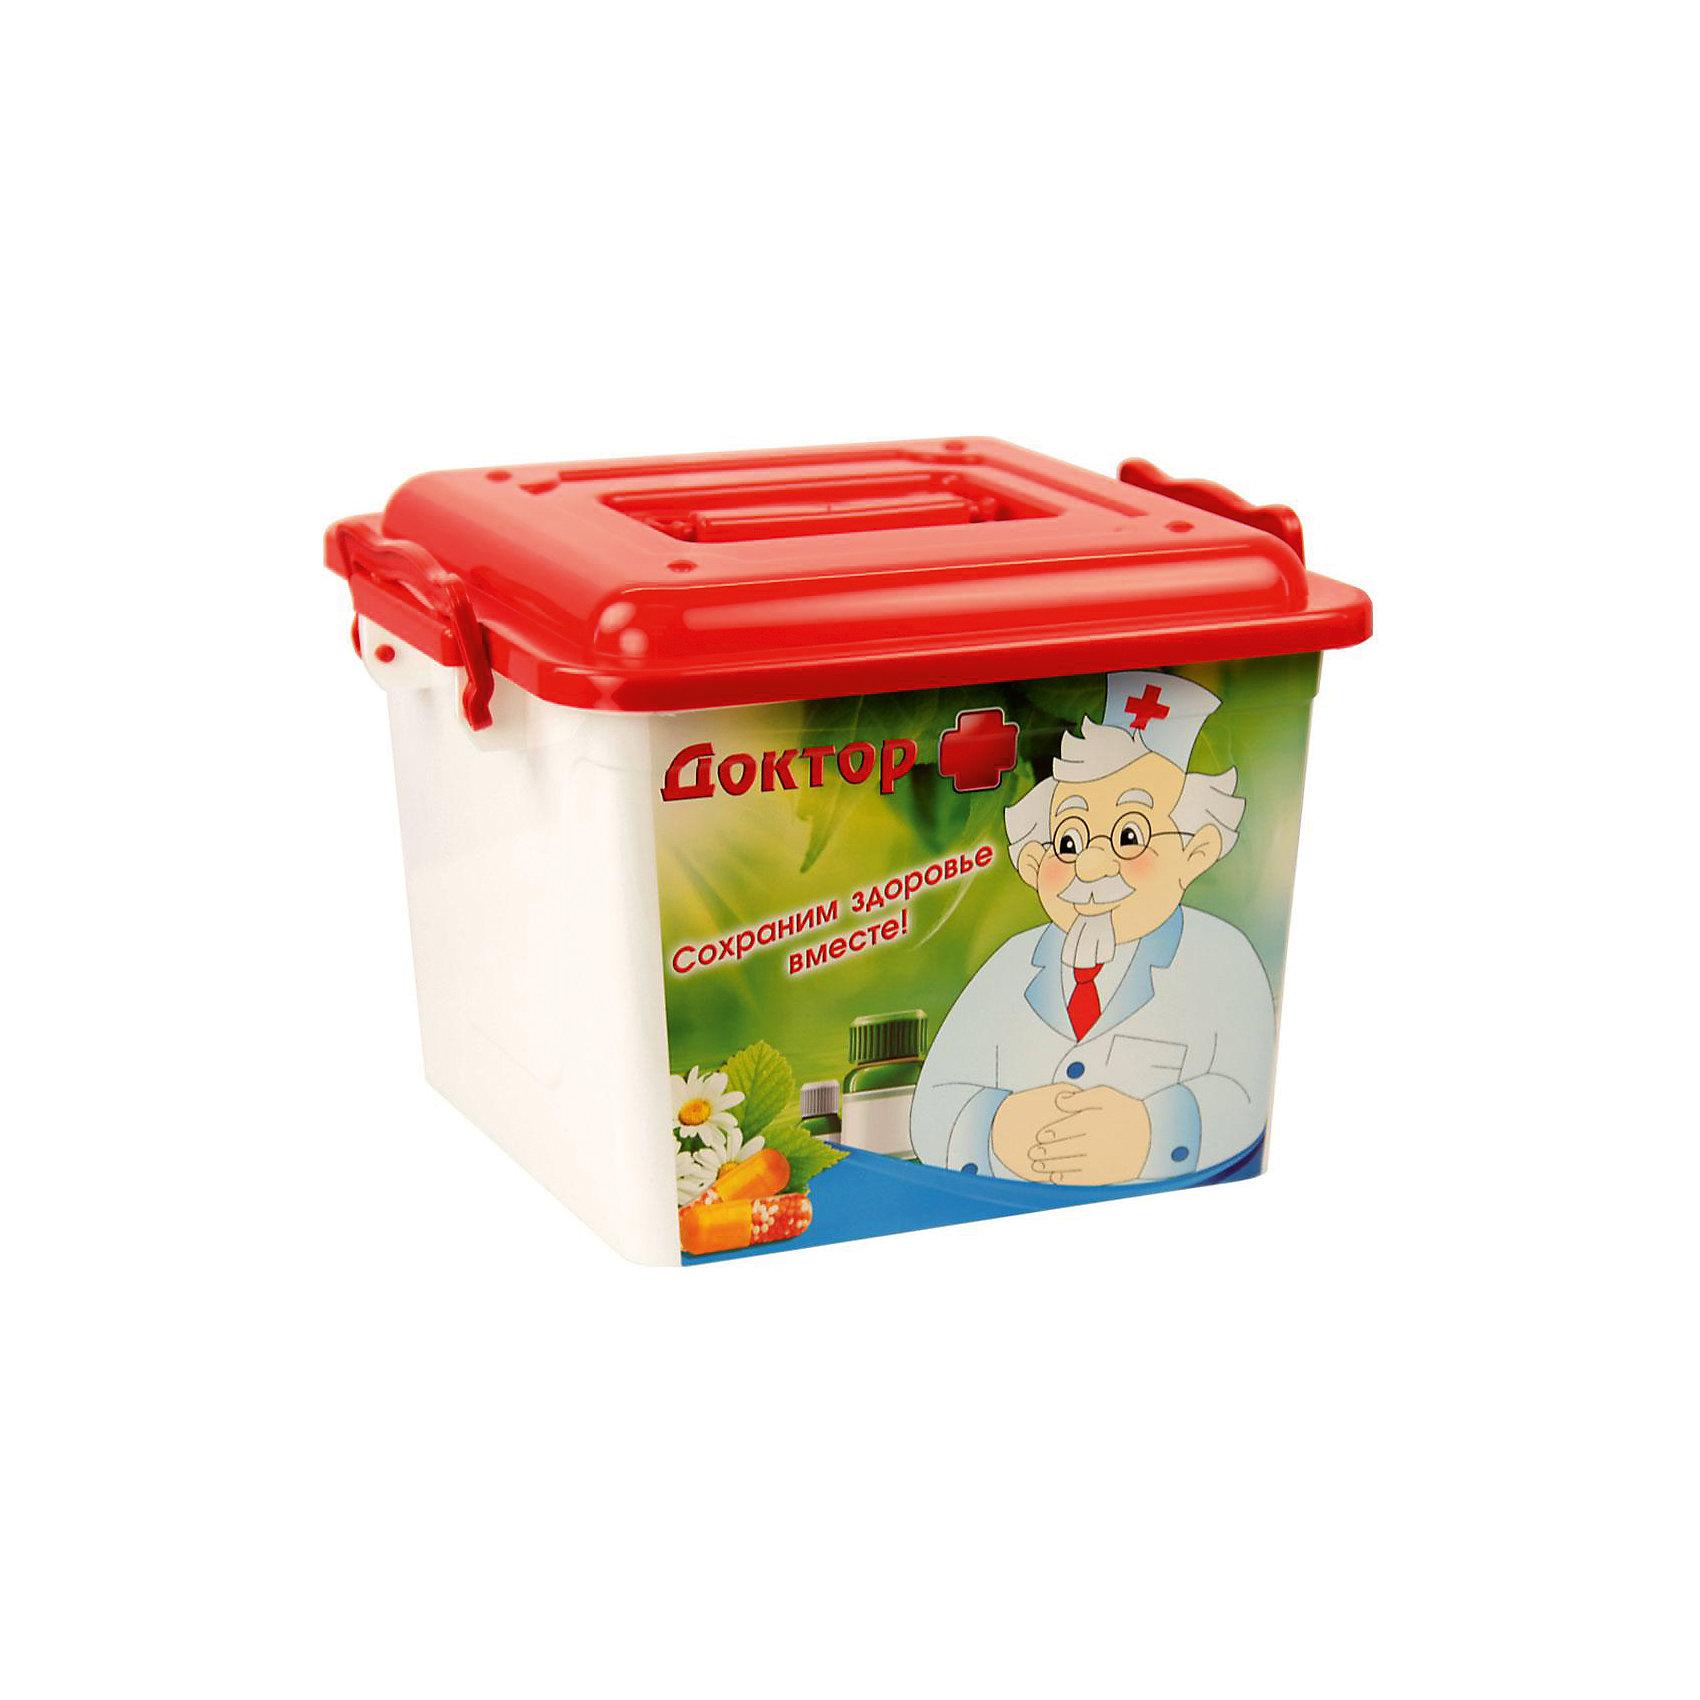 Контейнер Доктор + 8,5л. квадратный , AlternativaПорядок в детской<br>Характеристики:<br><br>• Предназначение: для хранения игрушек, для хозяйственных нужд<br>• Цвет: зима<br>• Пол: универсальный<br>• Материал: пластик<br>• Цвет: красный, зеленый, белый<br>• Размер (Д*Ш*В): 38,5*26,5*21 см<br>• Вместимость (объем): 8,5 л<br>• Вес: 450 г<br>• Форма: квадратный<br>• Наличие крышки с ручками<br>• Особенности ухода: разрешается мыть теплой водой<br><br>Контейнер Доктор + 8,5 л квадратный, Alternativa изготовлен отечественным производителем ООО ЗПИ Альтернатива, который специализируется на выпуске широкого спектра изделий из пластика. <br>Контейнер выполнен из экологически безопасного прозрачного пластика, устойчивого к механическим повреждениям, корпус оформлен яркими устойчивыми картинками, в комплекте имеется крышка с удобными для переноса ручками. Изделие можно использовать как для хранения игрушек, так и для разных хозяйственных нужд. Контейнер Доктор + 8,5 л квадратный, Alternativa вместительный, но при этом обладает легким весом.<br><br>Контейнер Доктор + 8,5 л квадратный, Alternativa можно купить в нашем интернет-магазине.<br><br>Ширина мм: 270<br>Глубина мм: 270<br>Высота мм: 200<br>Вес г: 415<br>Возраст от месяцев: 6<br>Возраст до месяцев: 84<br>Пол: Унисекс<br>Возраст: Детский<br>SKU: 5096560